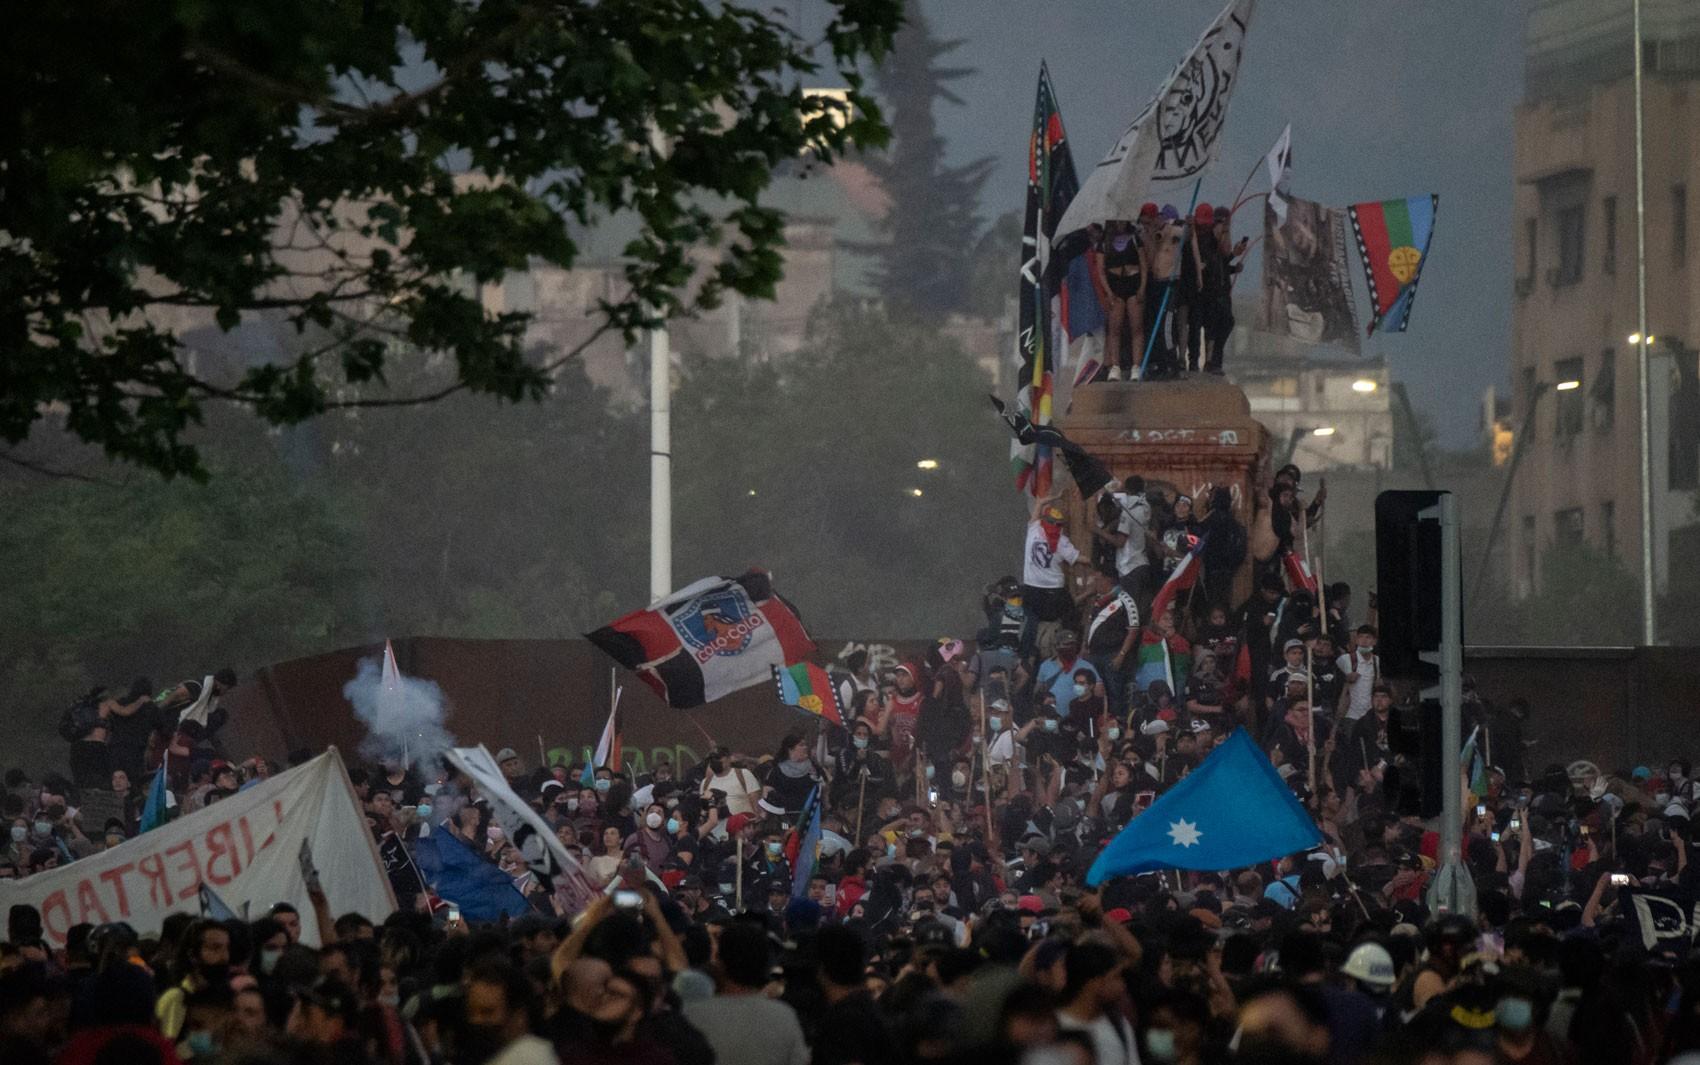 Milhares se manifestam dois anos após a convulsão social no Chile